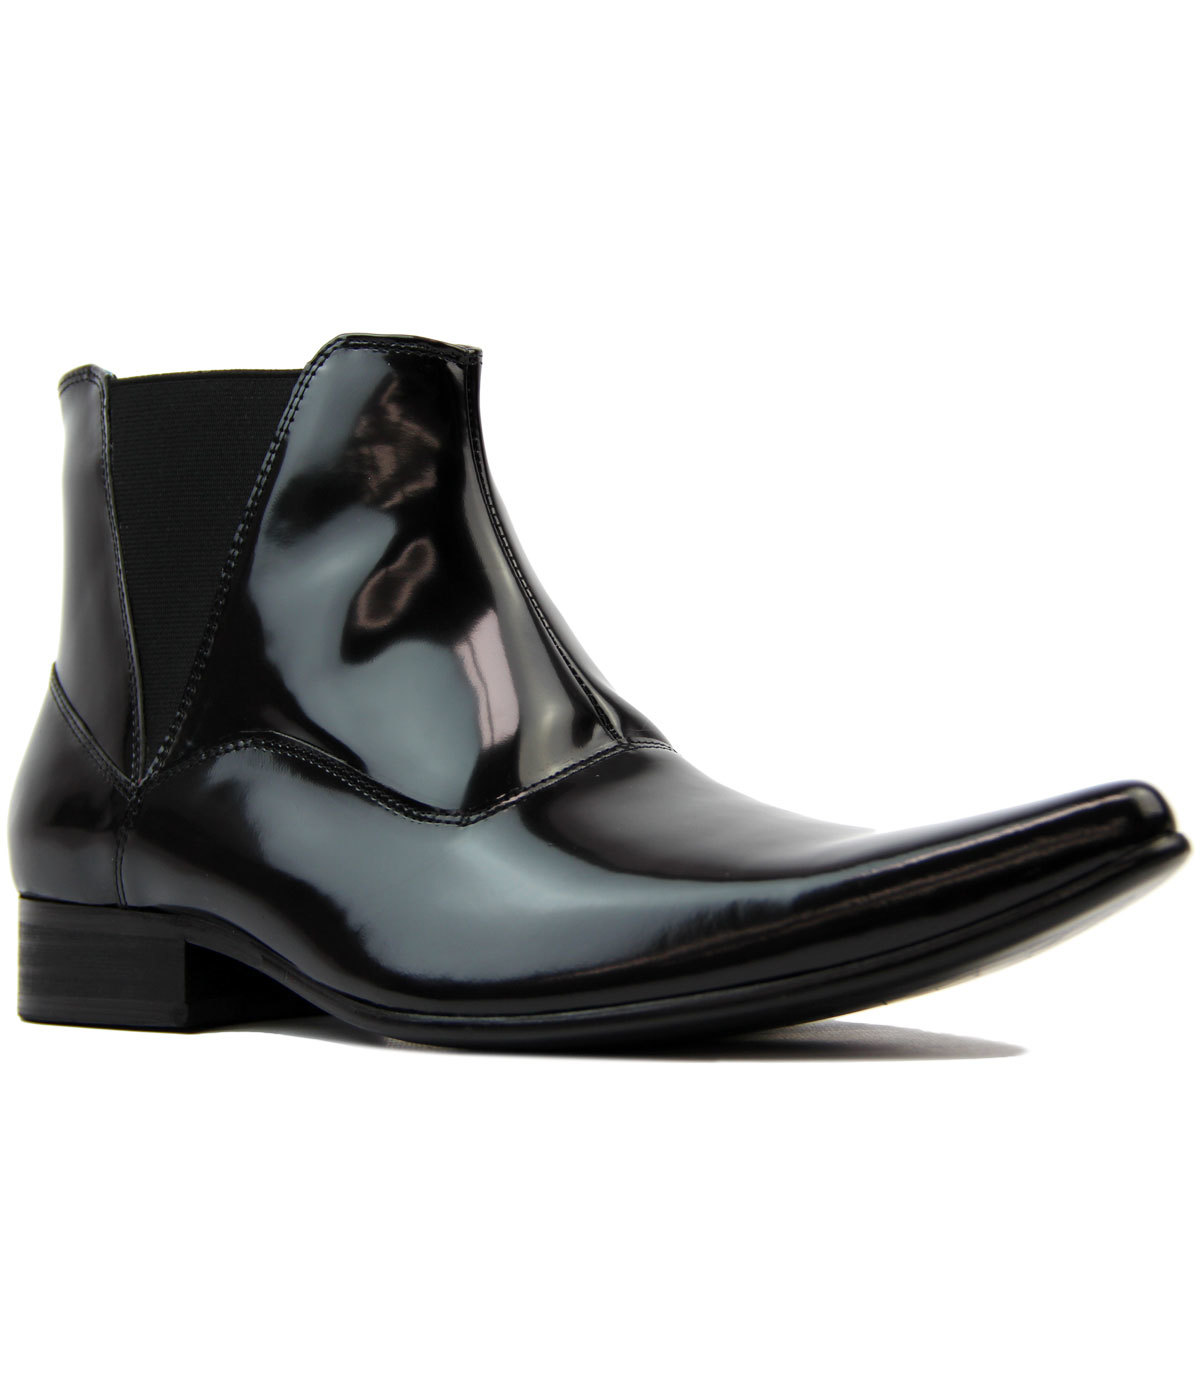 Veer 20 PAOLO VANDINI Winklepicker Chelsea Boots B